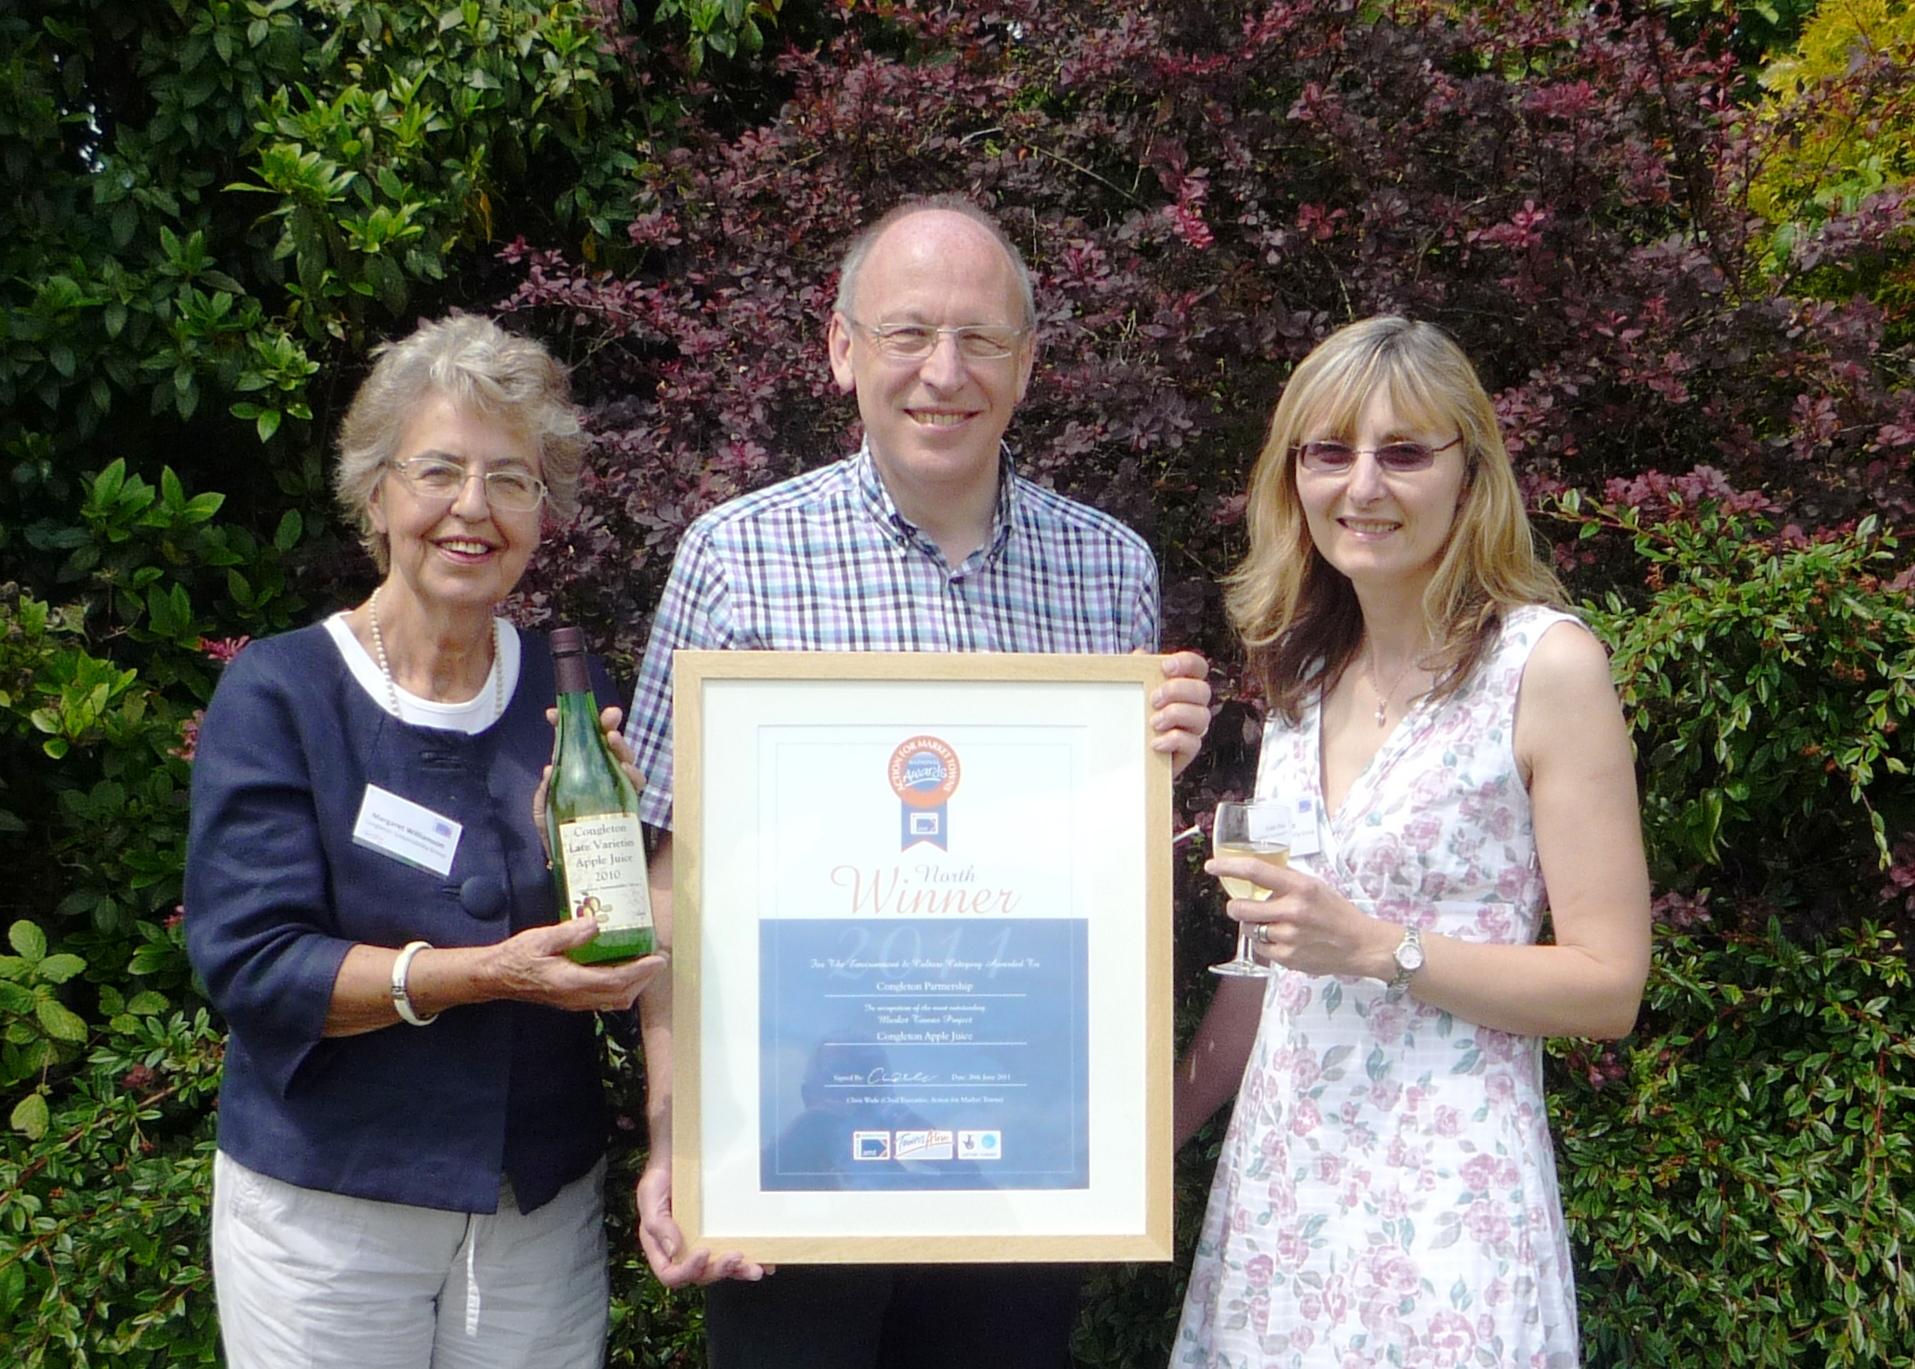 Award winning Congleton Apple Juice